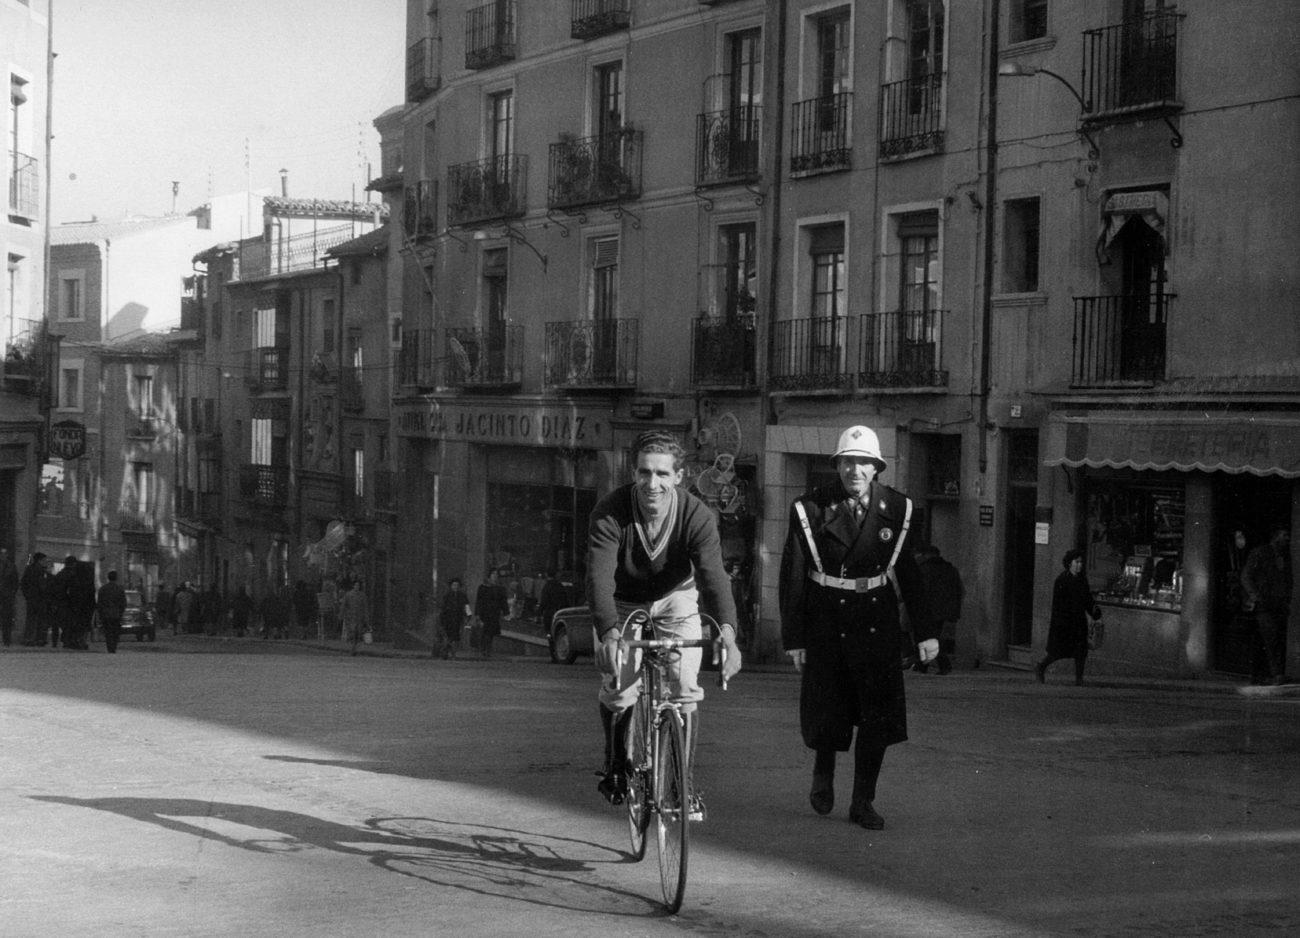 El conocido ciclista (c) sonríe subido en su bicicleta, al lado de un...